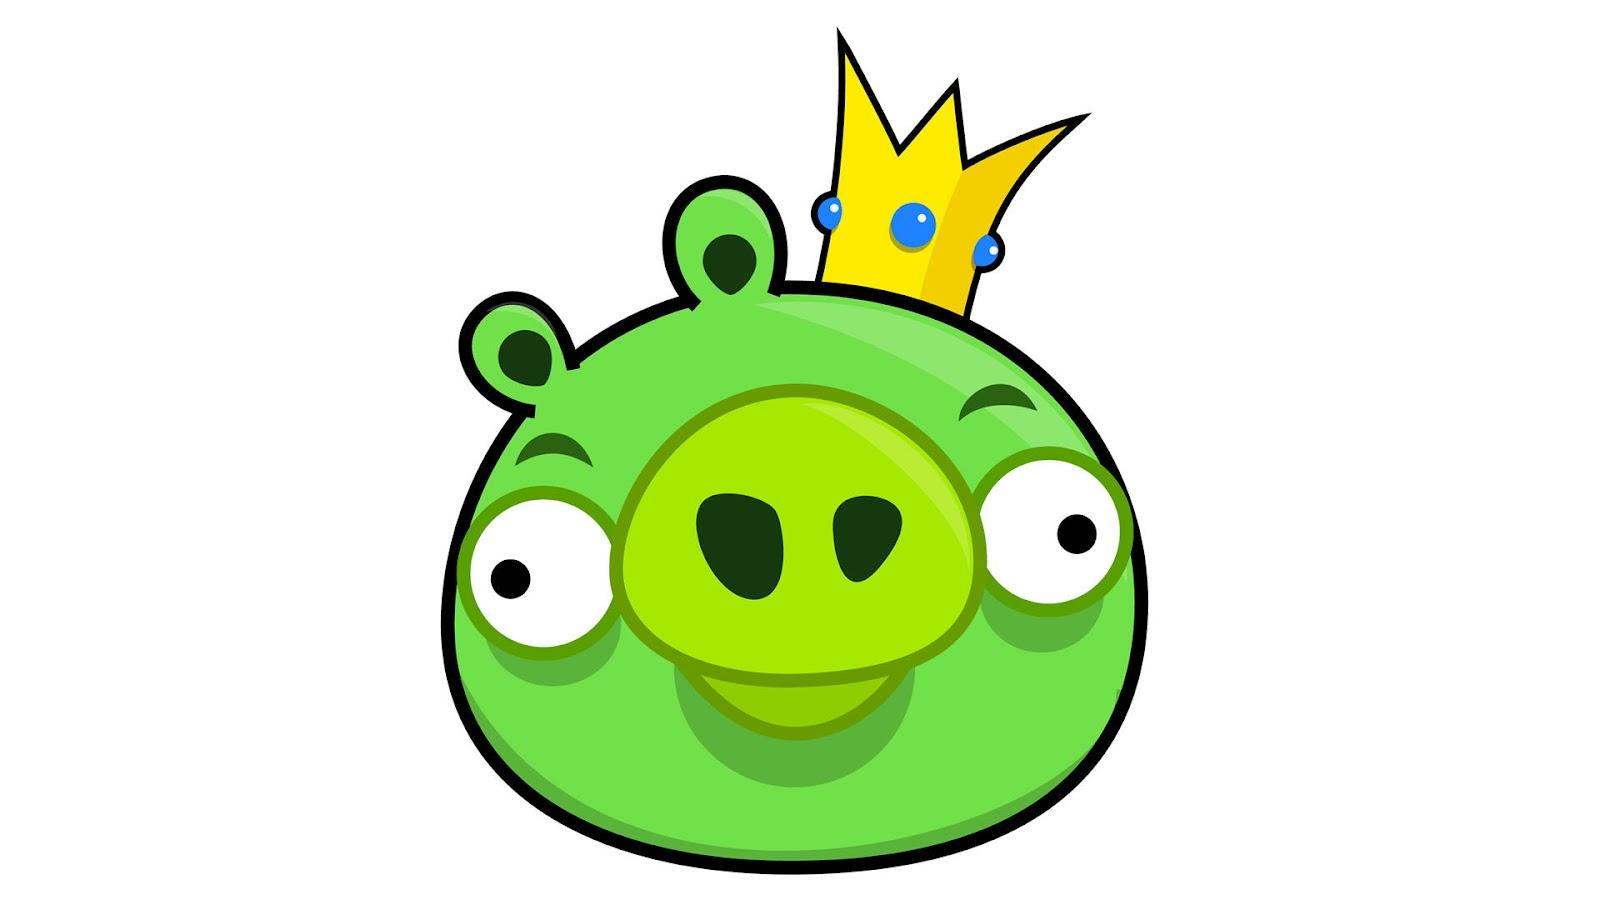 http://1.bp.blogspot.com/-R979TVru8FE/UBTZxHo2sNI/AAAAAAAAEBg/GI2c6KfN7eA/s1600/Angry-Birds-King-Pig-Wallpaper-1920x1080.jpg